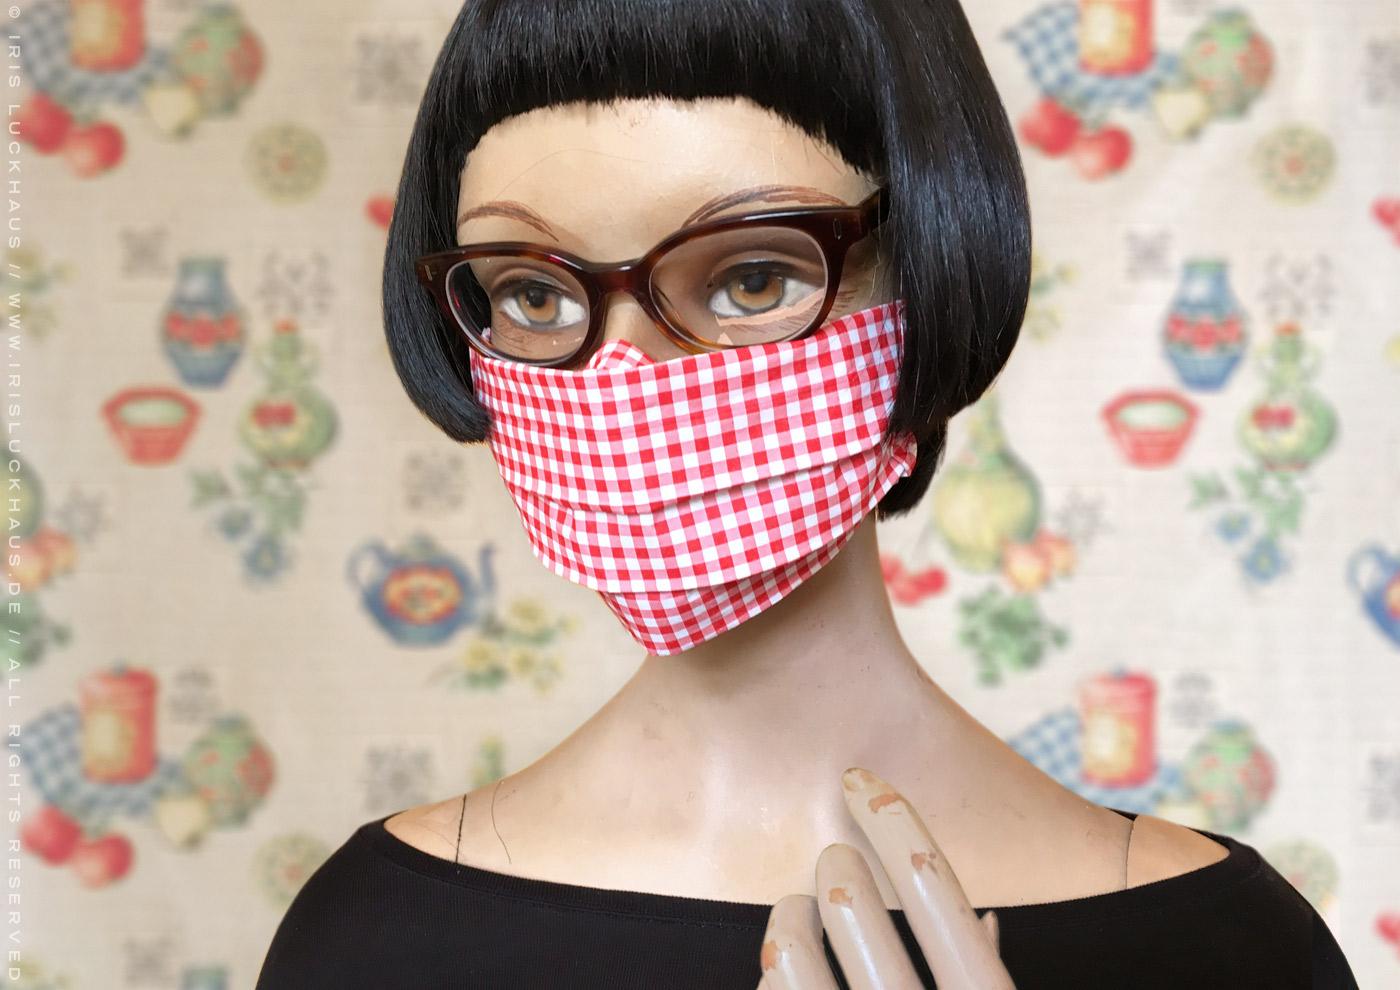 Optimierte Hybrid-Maske, Behelfsmaske, Alltagsmaske, Mundmaske oder Mund-Nase-Maske, Papiermaske oder Notfallmaske zum Selberbasteln ohne Nähen mit Anleitung, Schnittmuster und Schablone zum Basteln mit Servietten, Tacker, Papierhandtuch, Papiertaschentuch und Gummiring von Iris Luckhaus